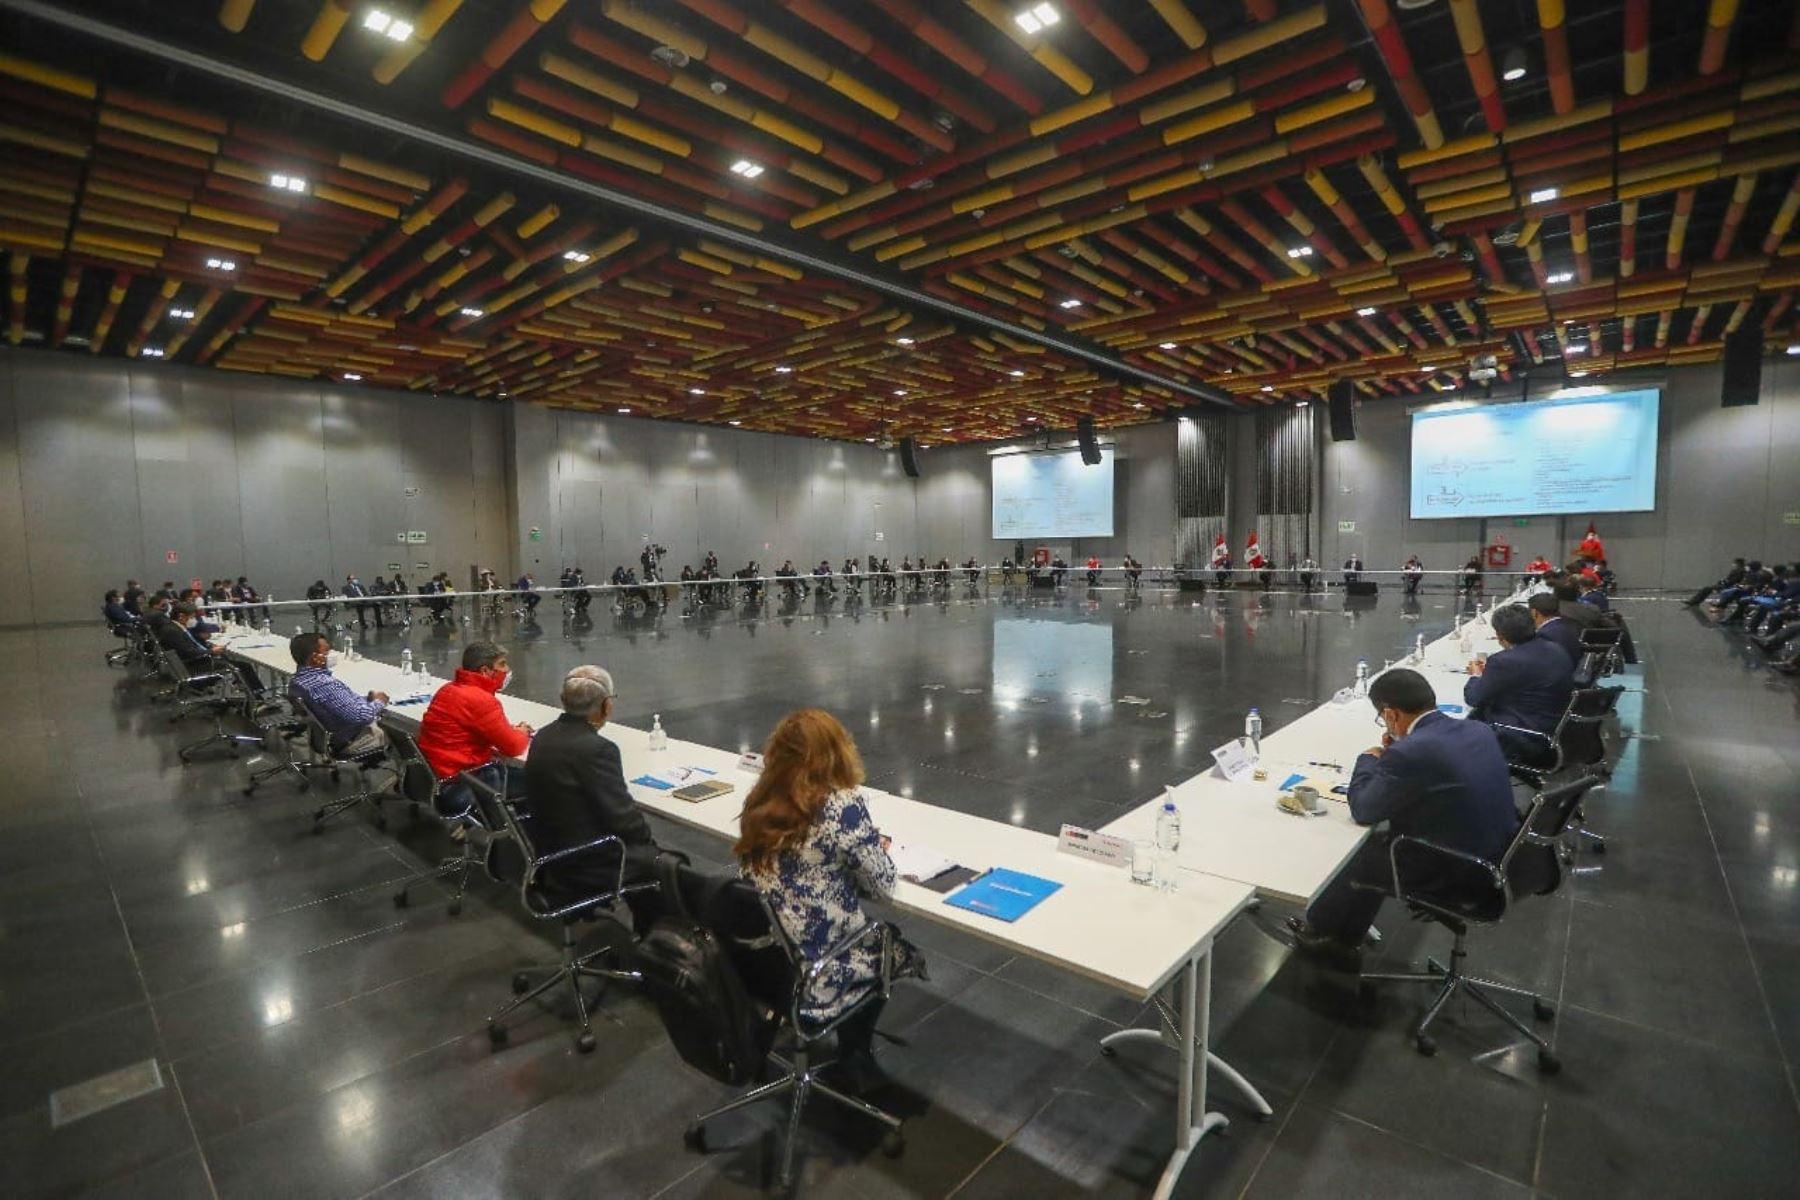 Reunión con los representantes de la Asociación de Municipalidades del Perú(Ampe), de la Red de Municipalidades Urbanas y Rurales del Perú (Remurpe) y con gobernadores regionales de la Asamblea Nacional de Gobiernos Regionales (ANGR).Foto: ANDINA/Prensa Presidencia